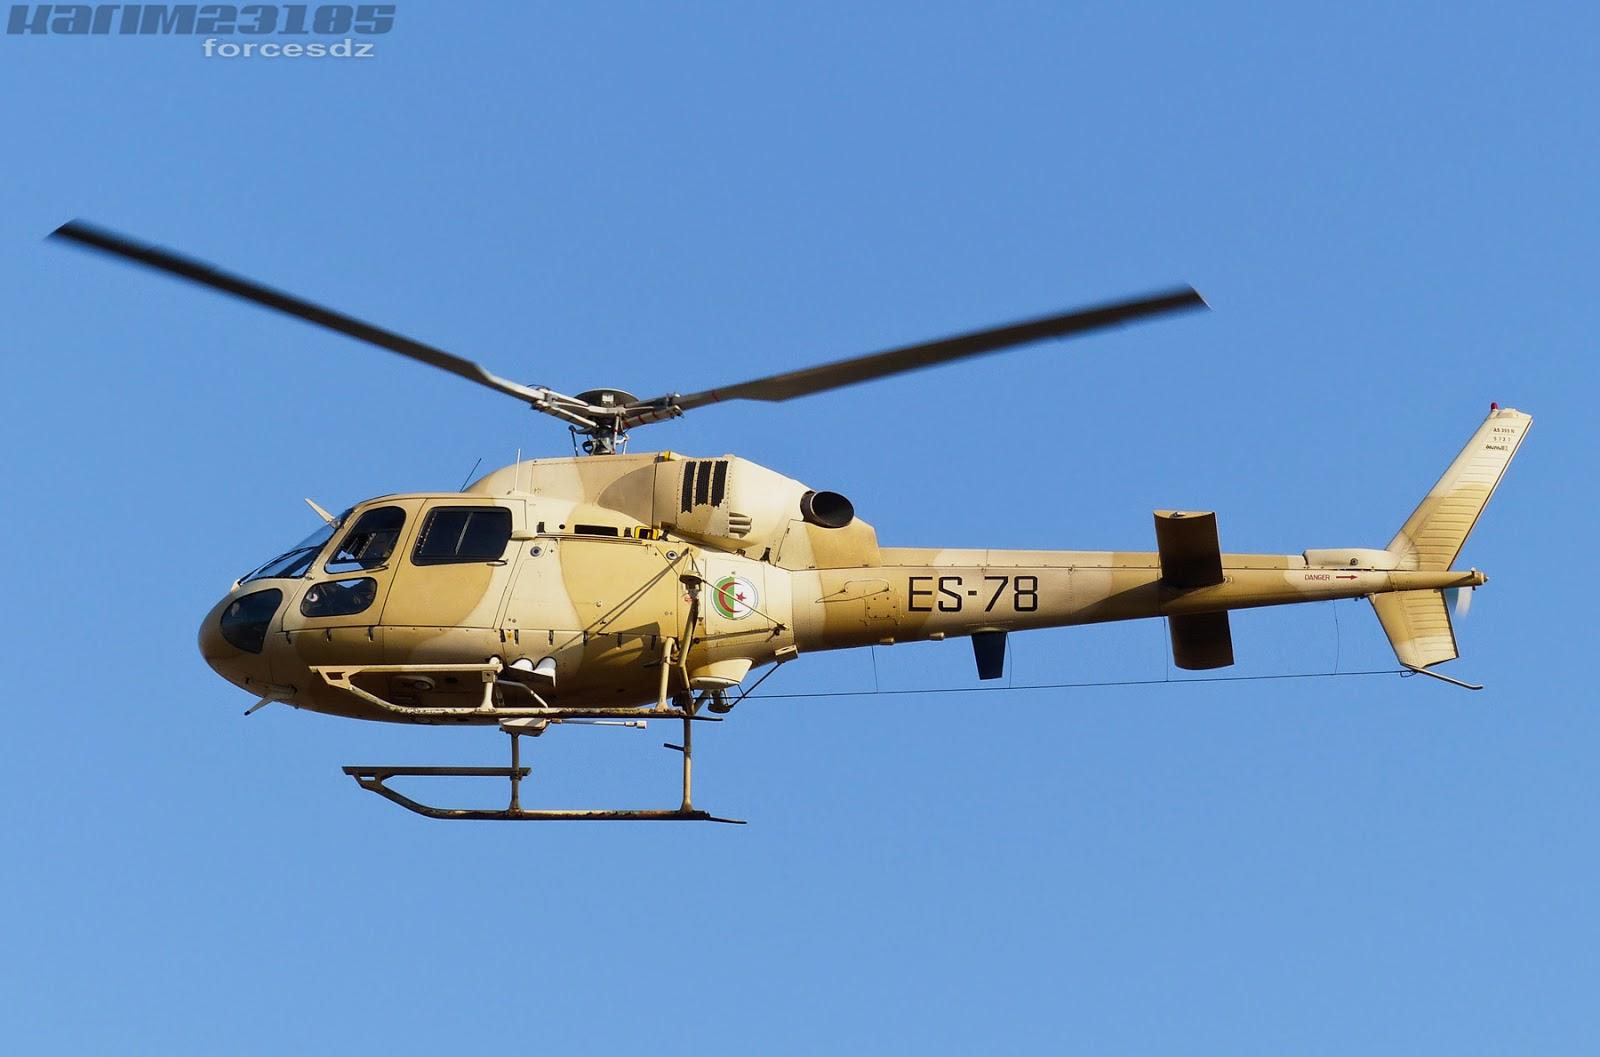 صور مروحيات القوات الجوية الجزائرية Ecureuil/Fennec ] AS-355N2 / AS-555N ] P1060612